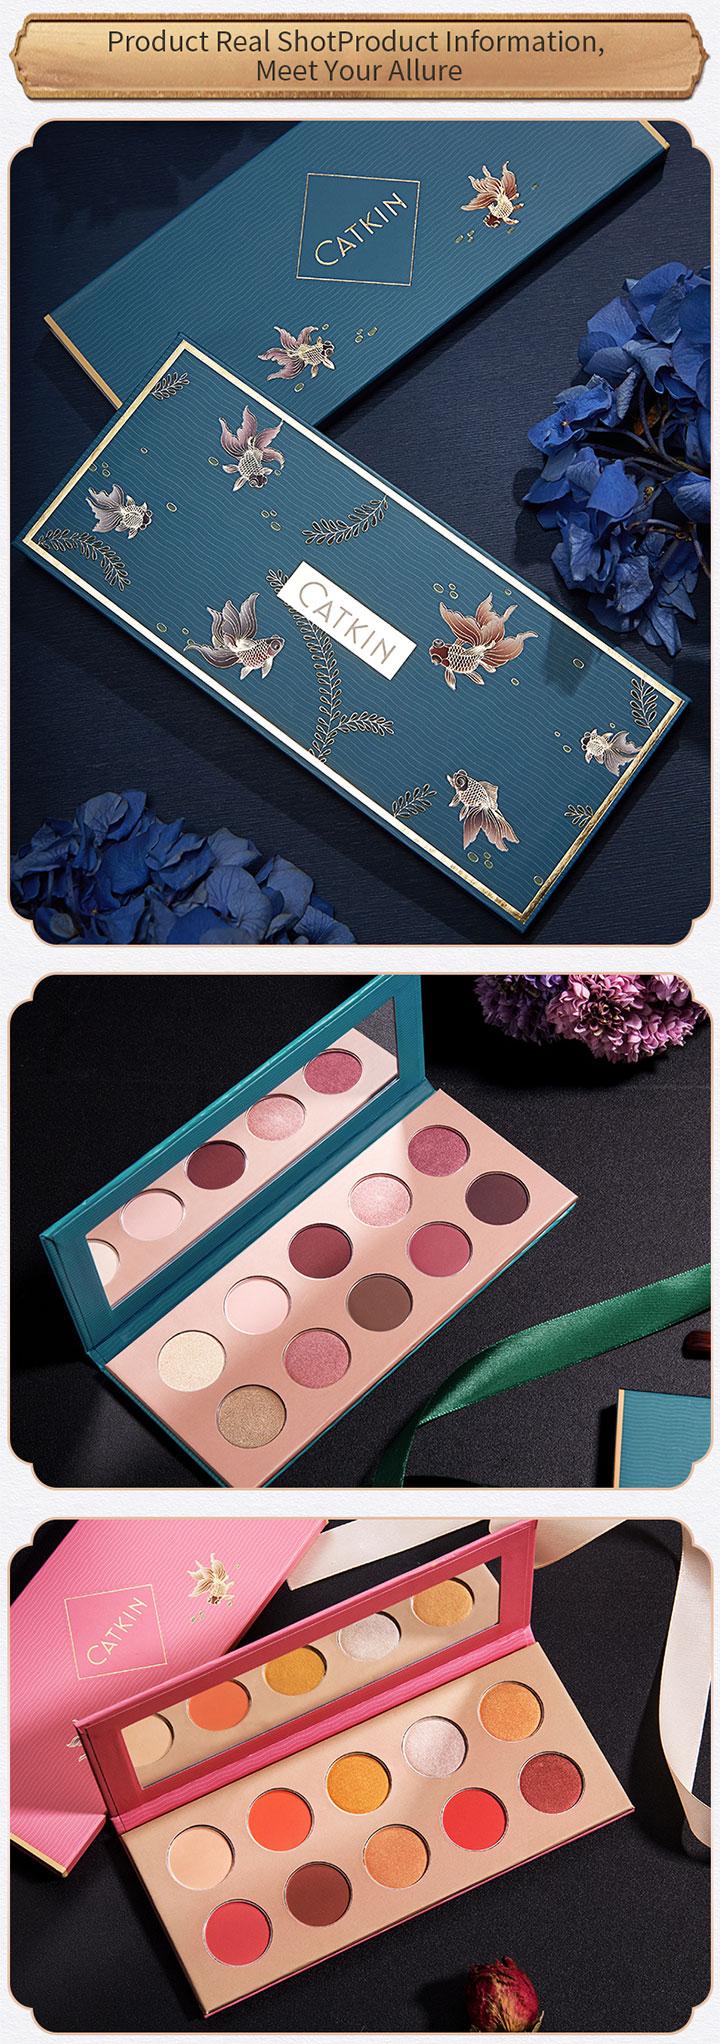 CATKIN Eternal Love Series Allure 10 Colors Makeup Waterproof Easy to Wear Smooth Eyeshadow Palette